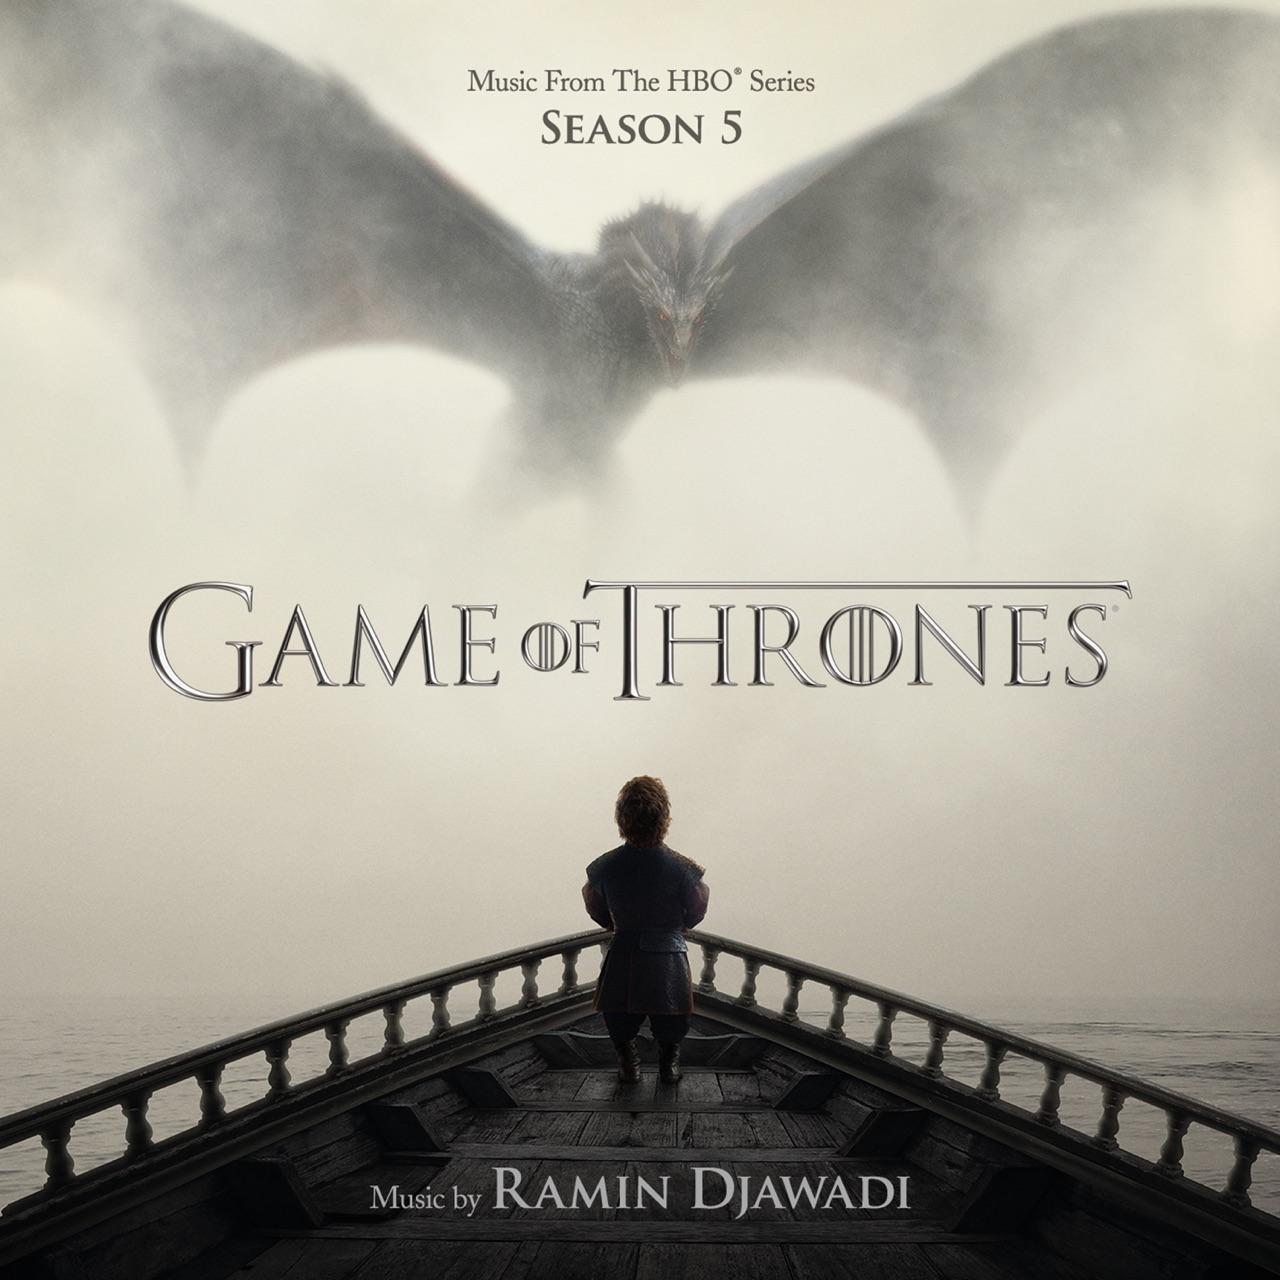 Игра престолов саундтрек mp3 скачать бесплатно